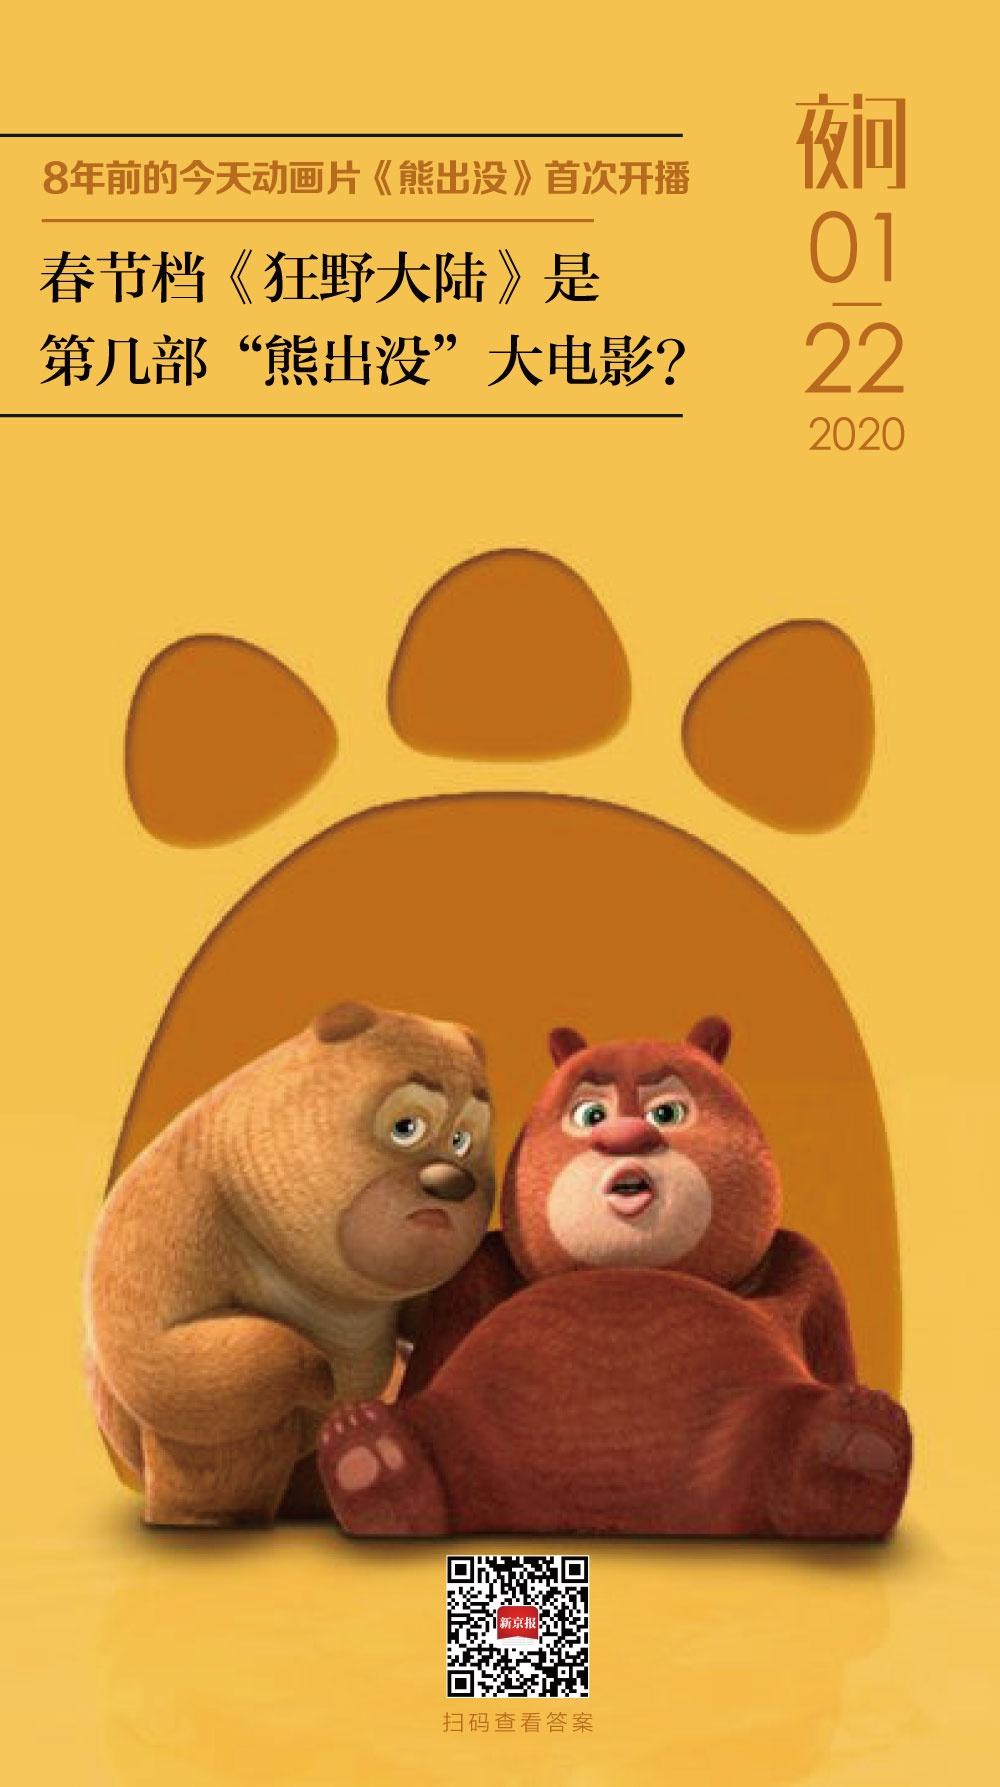 熊出没的时代,熊孩子都爱丨夜问